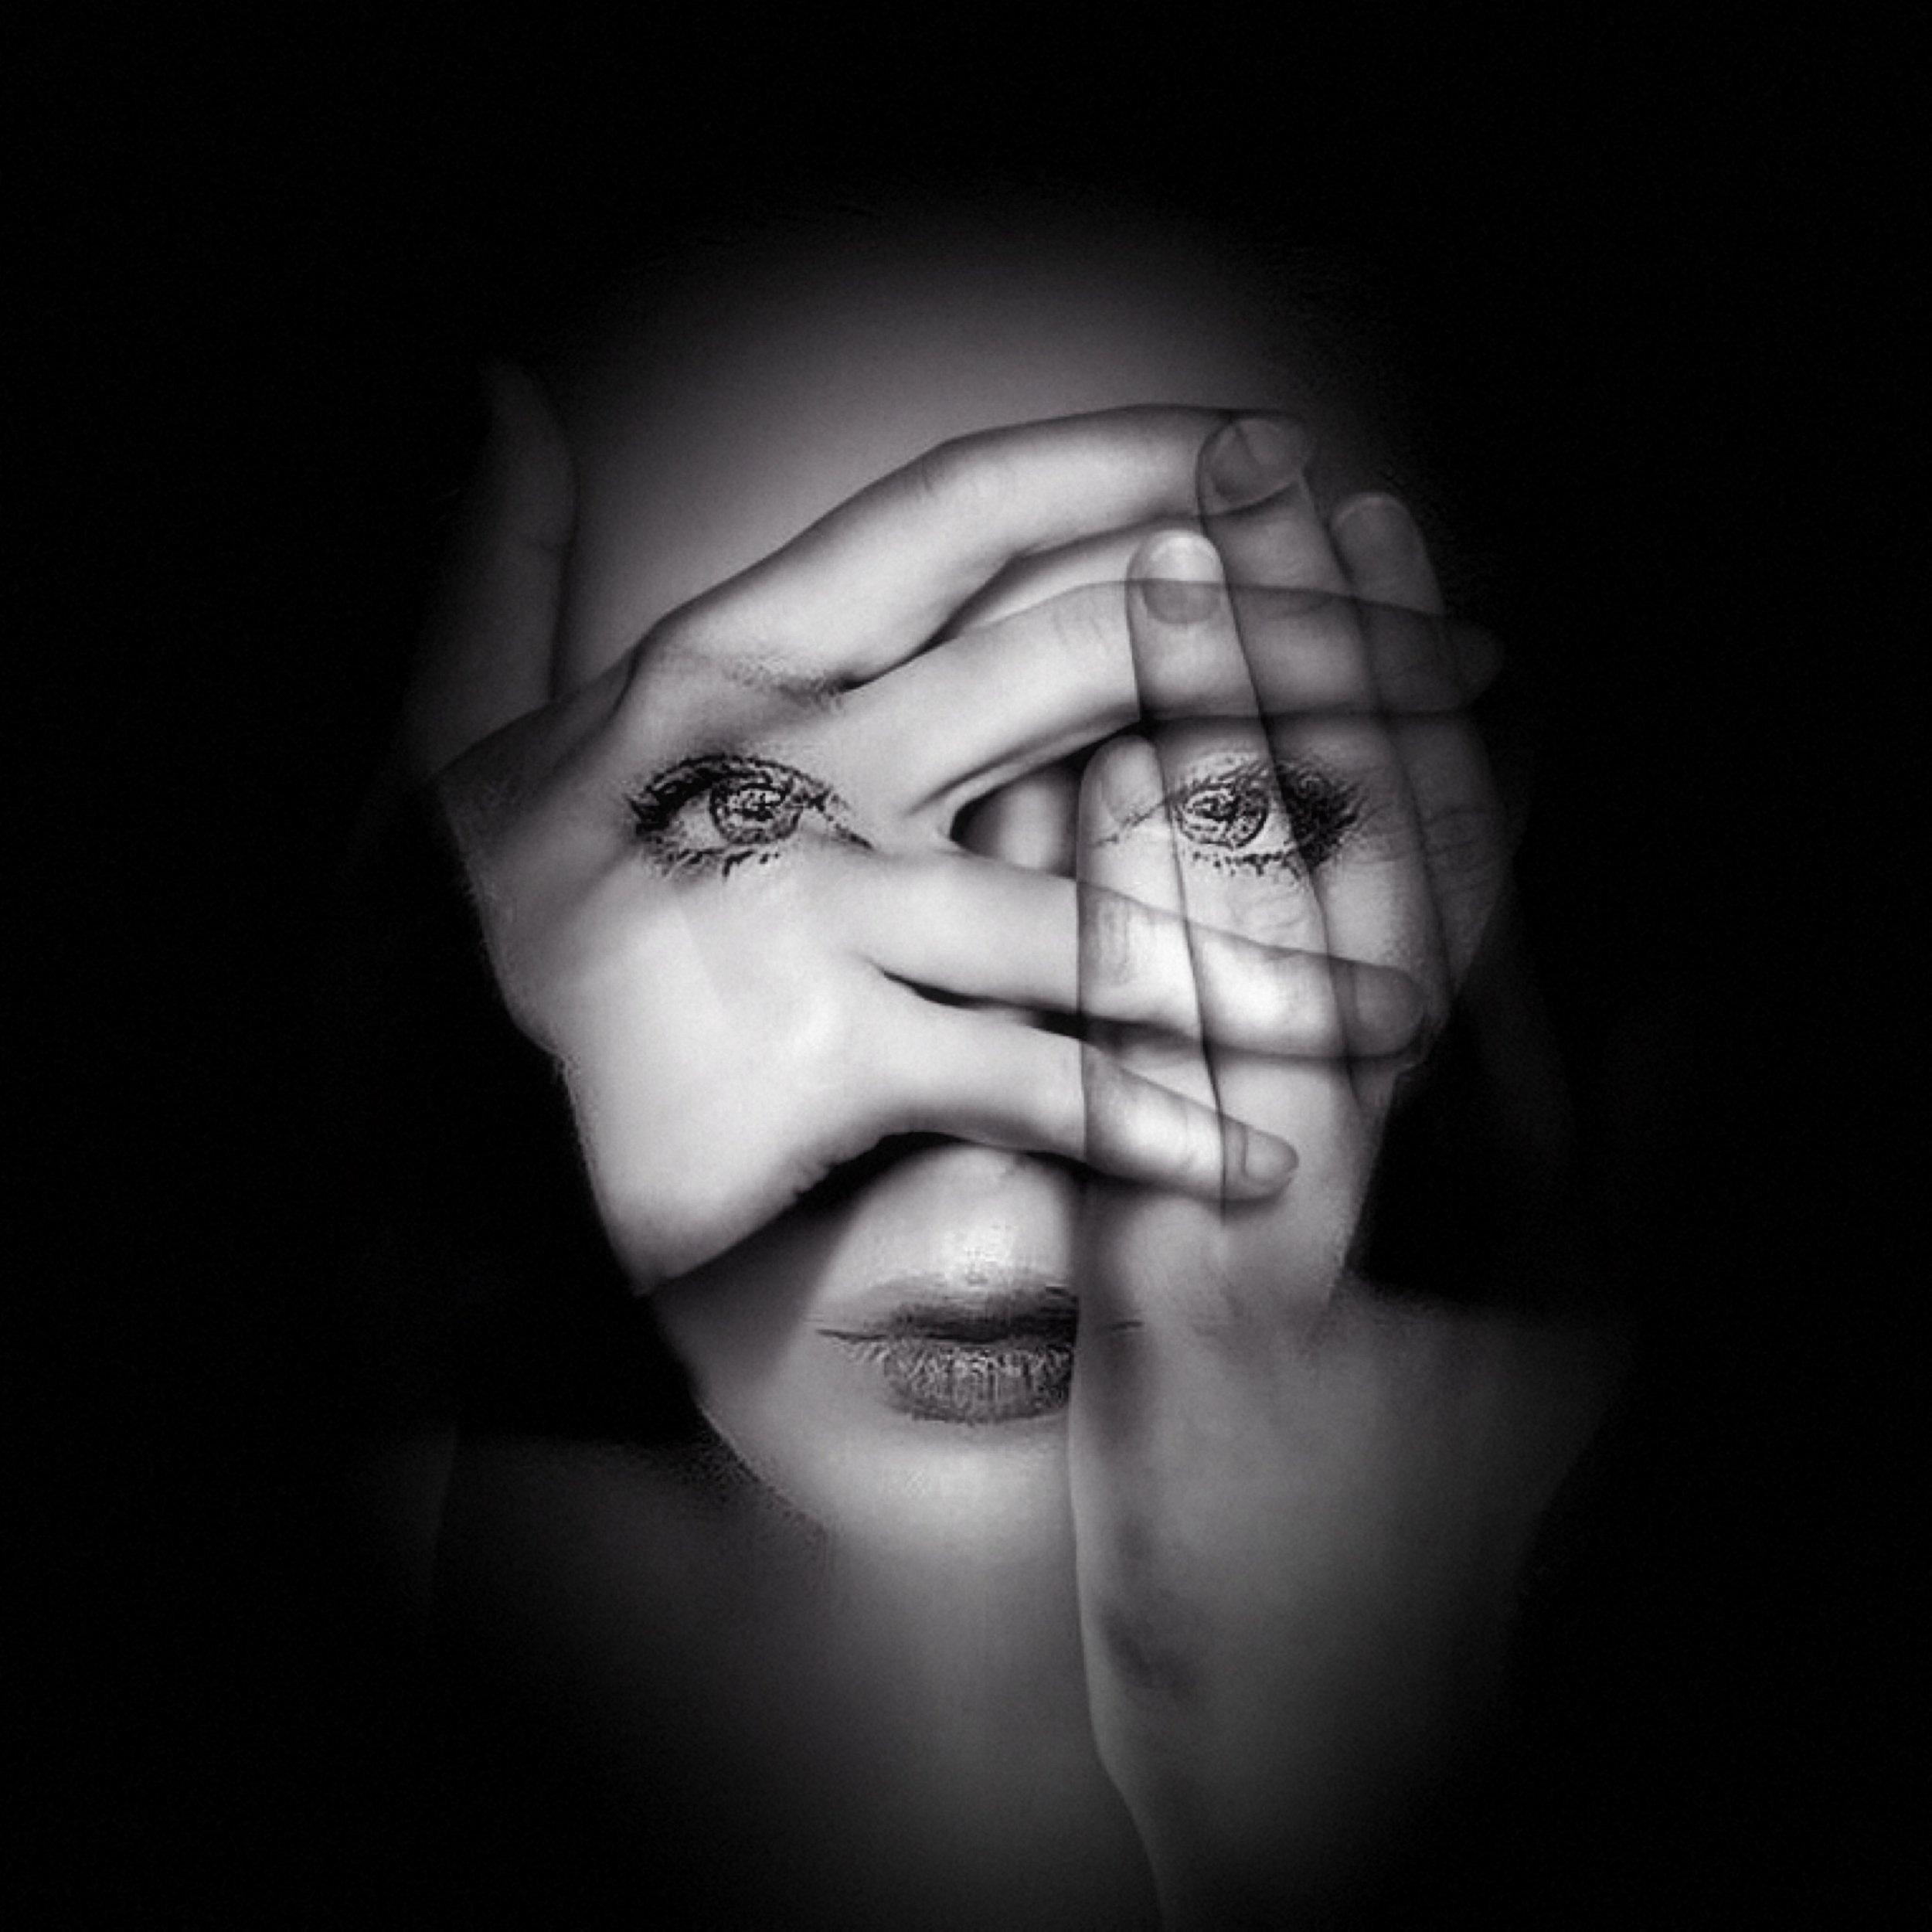 face, hands